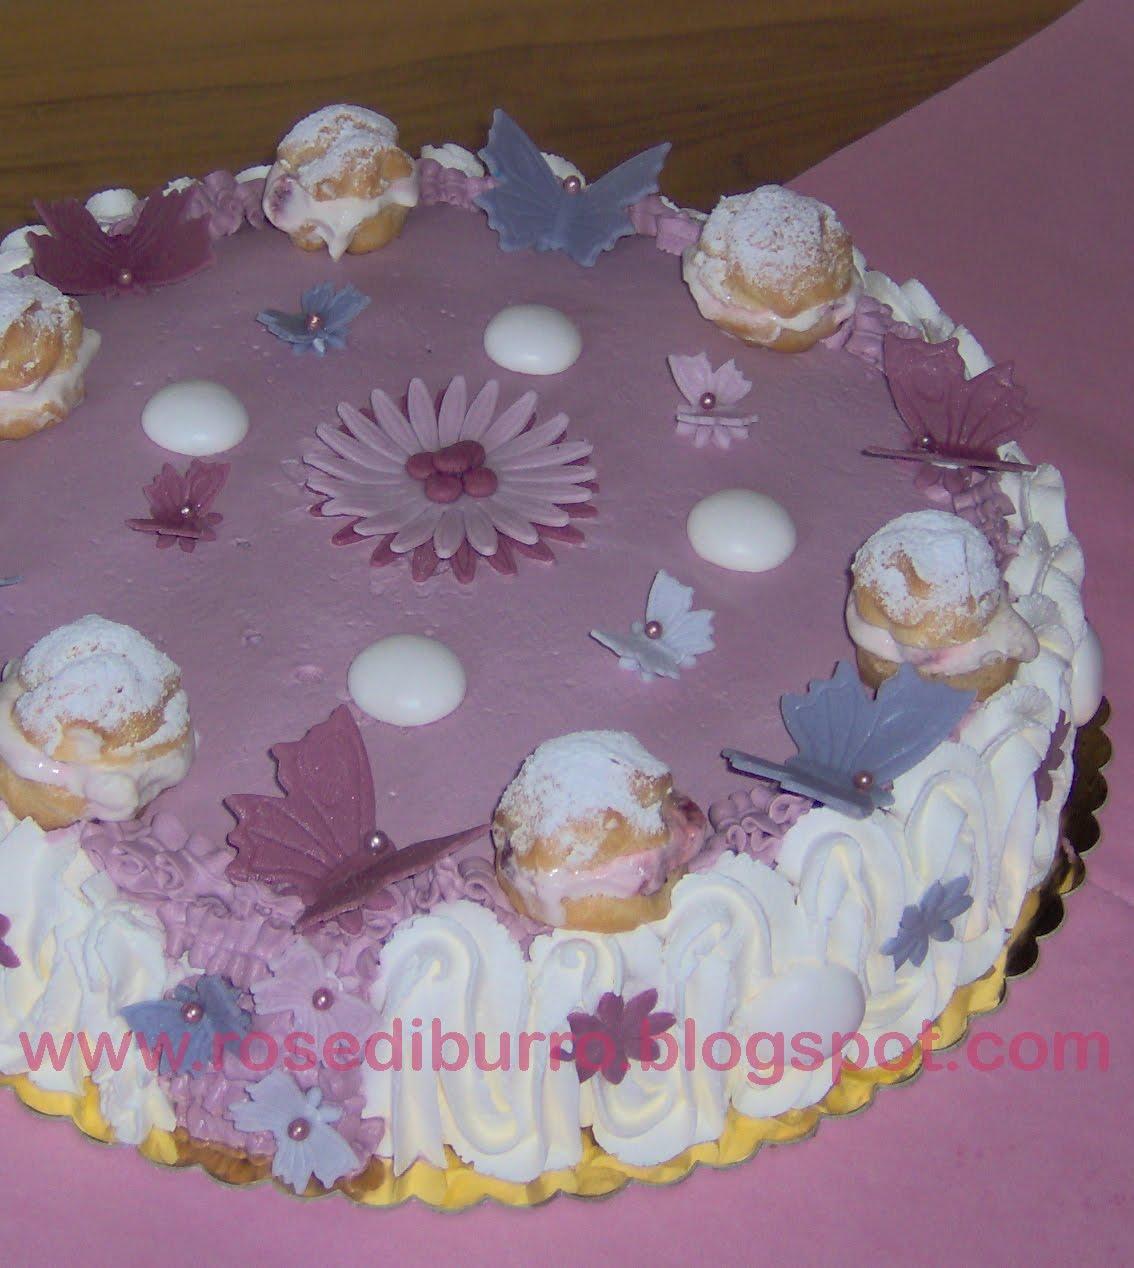 Rose di burro guarda alcune torte di compleanno adulti for Torte di compleanno al cioccolato decorazioni